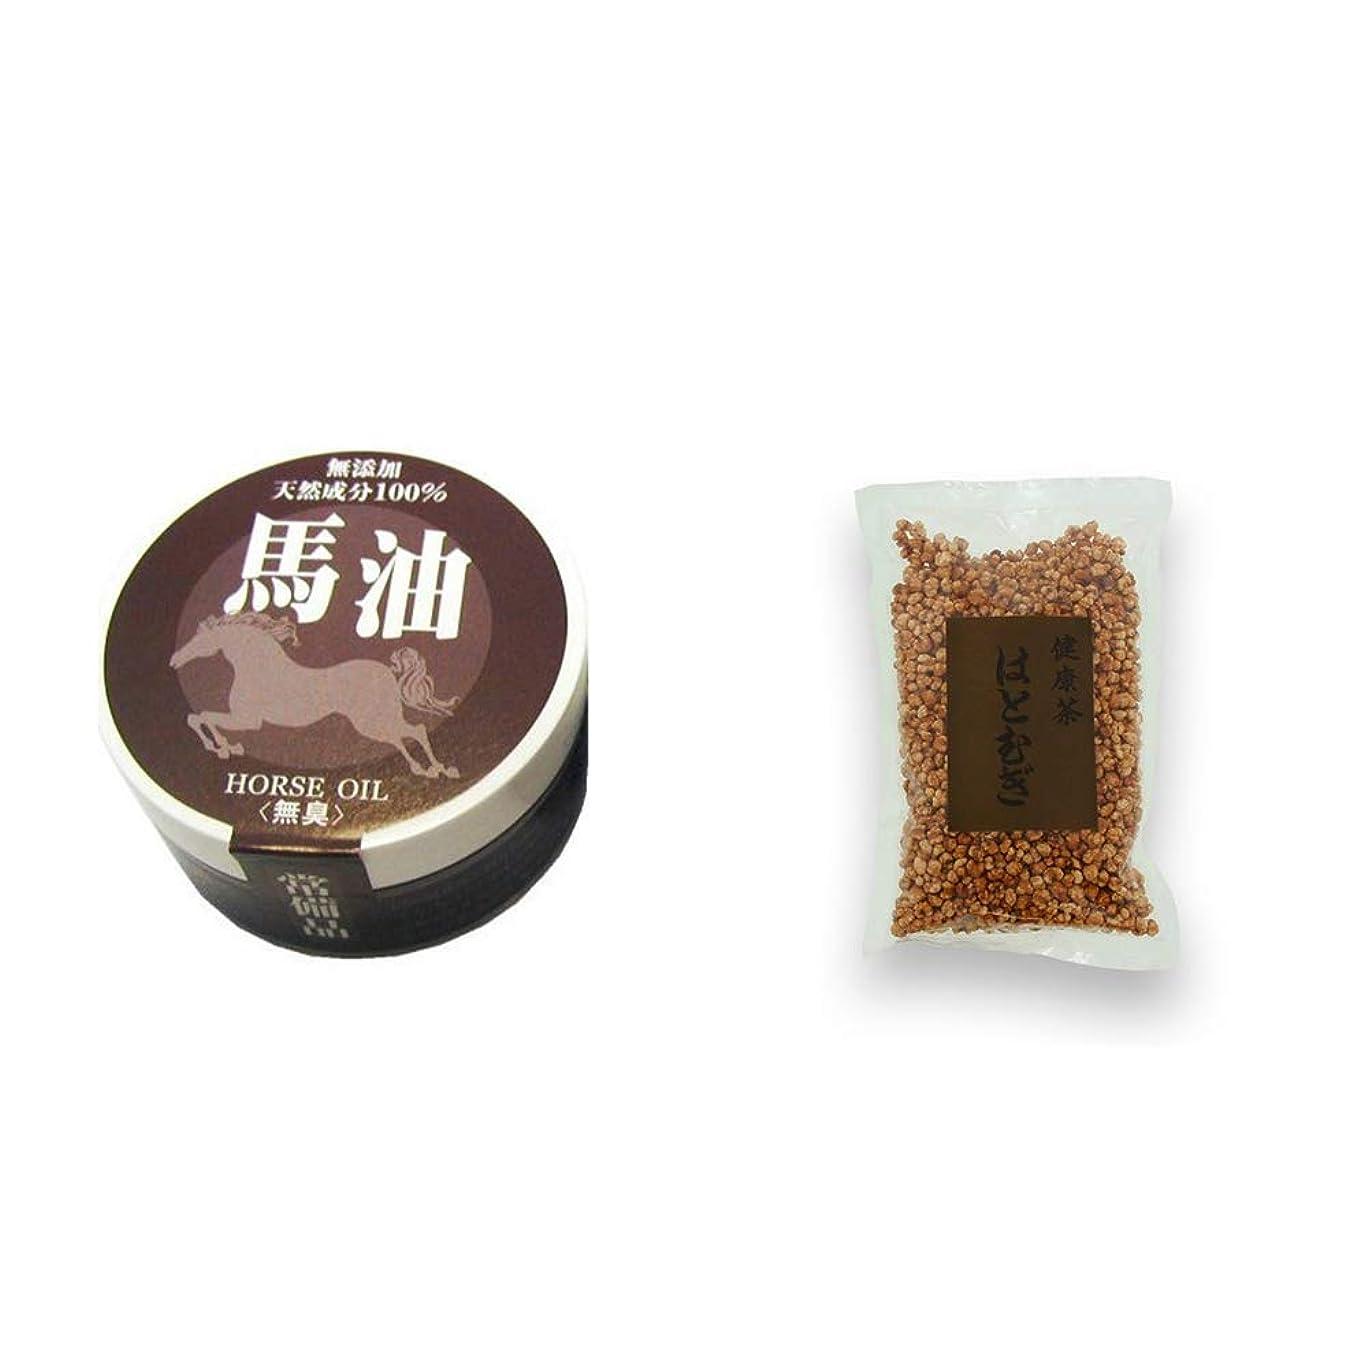 注釈箱回答[2点セット] 無添加天然成分100% 馬油[無香料](38g)?健康茶 はとむぎ(200g)